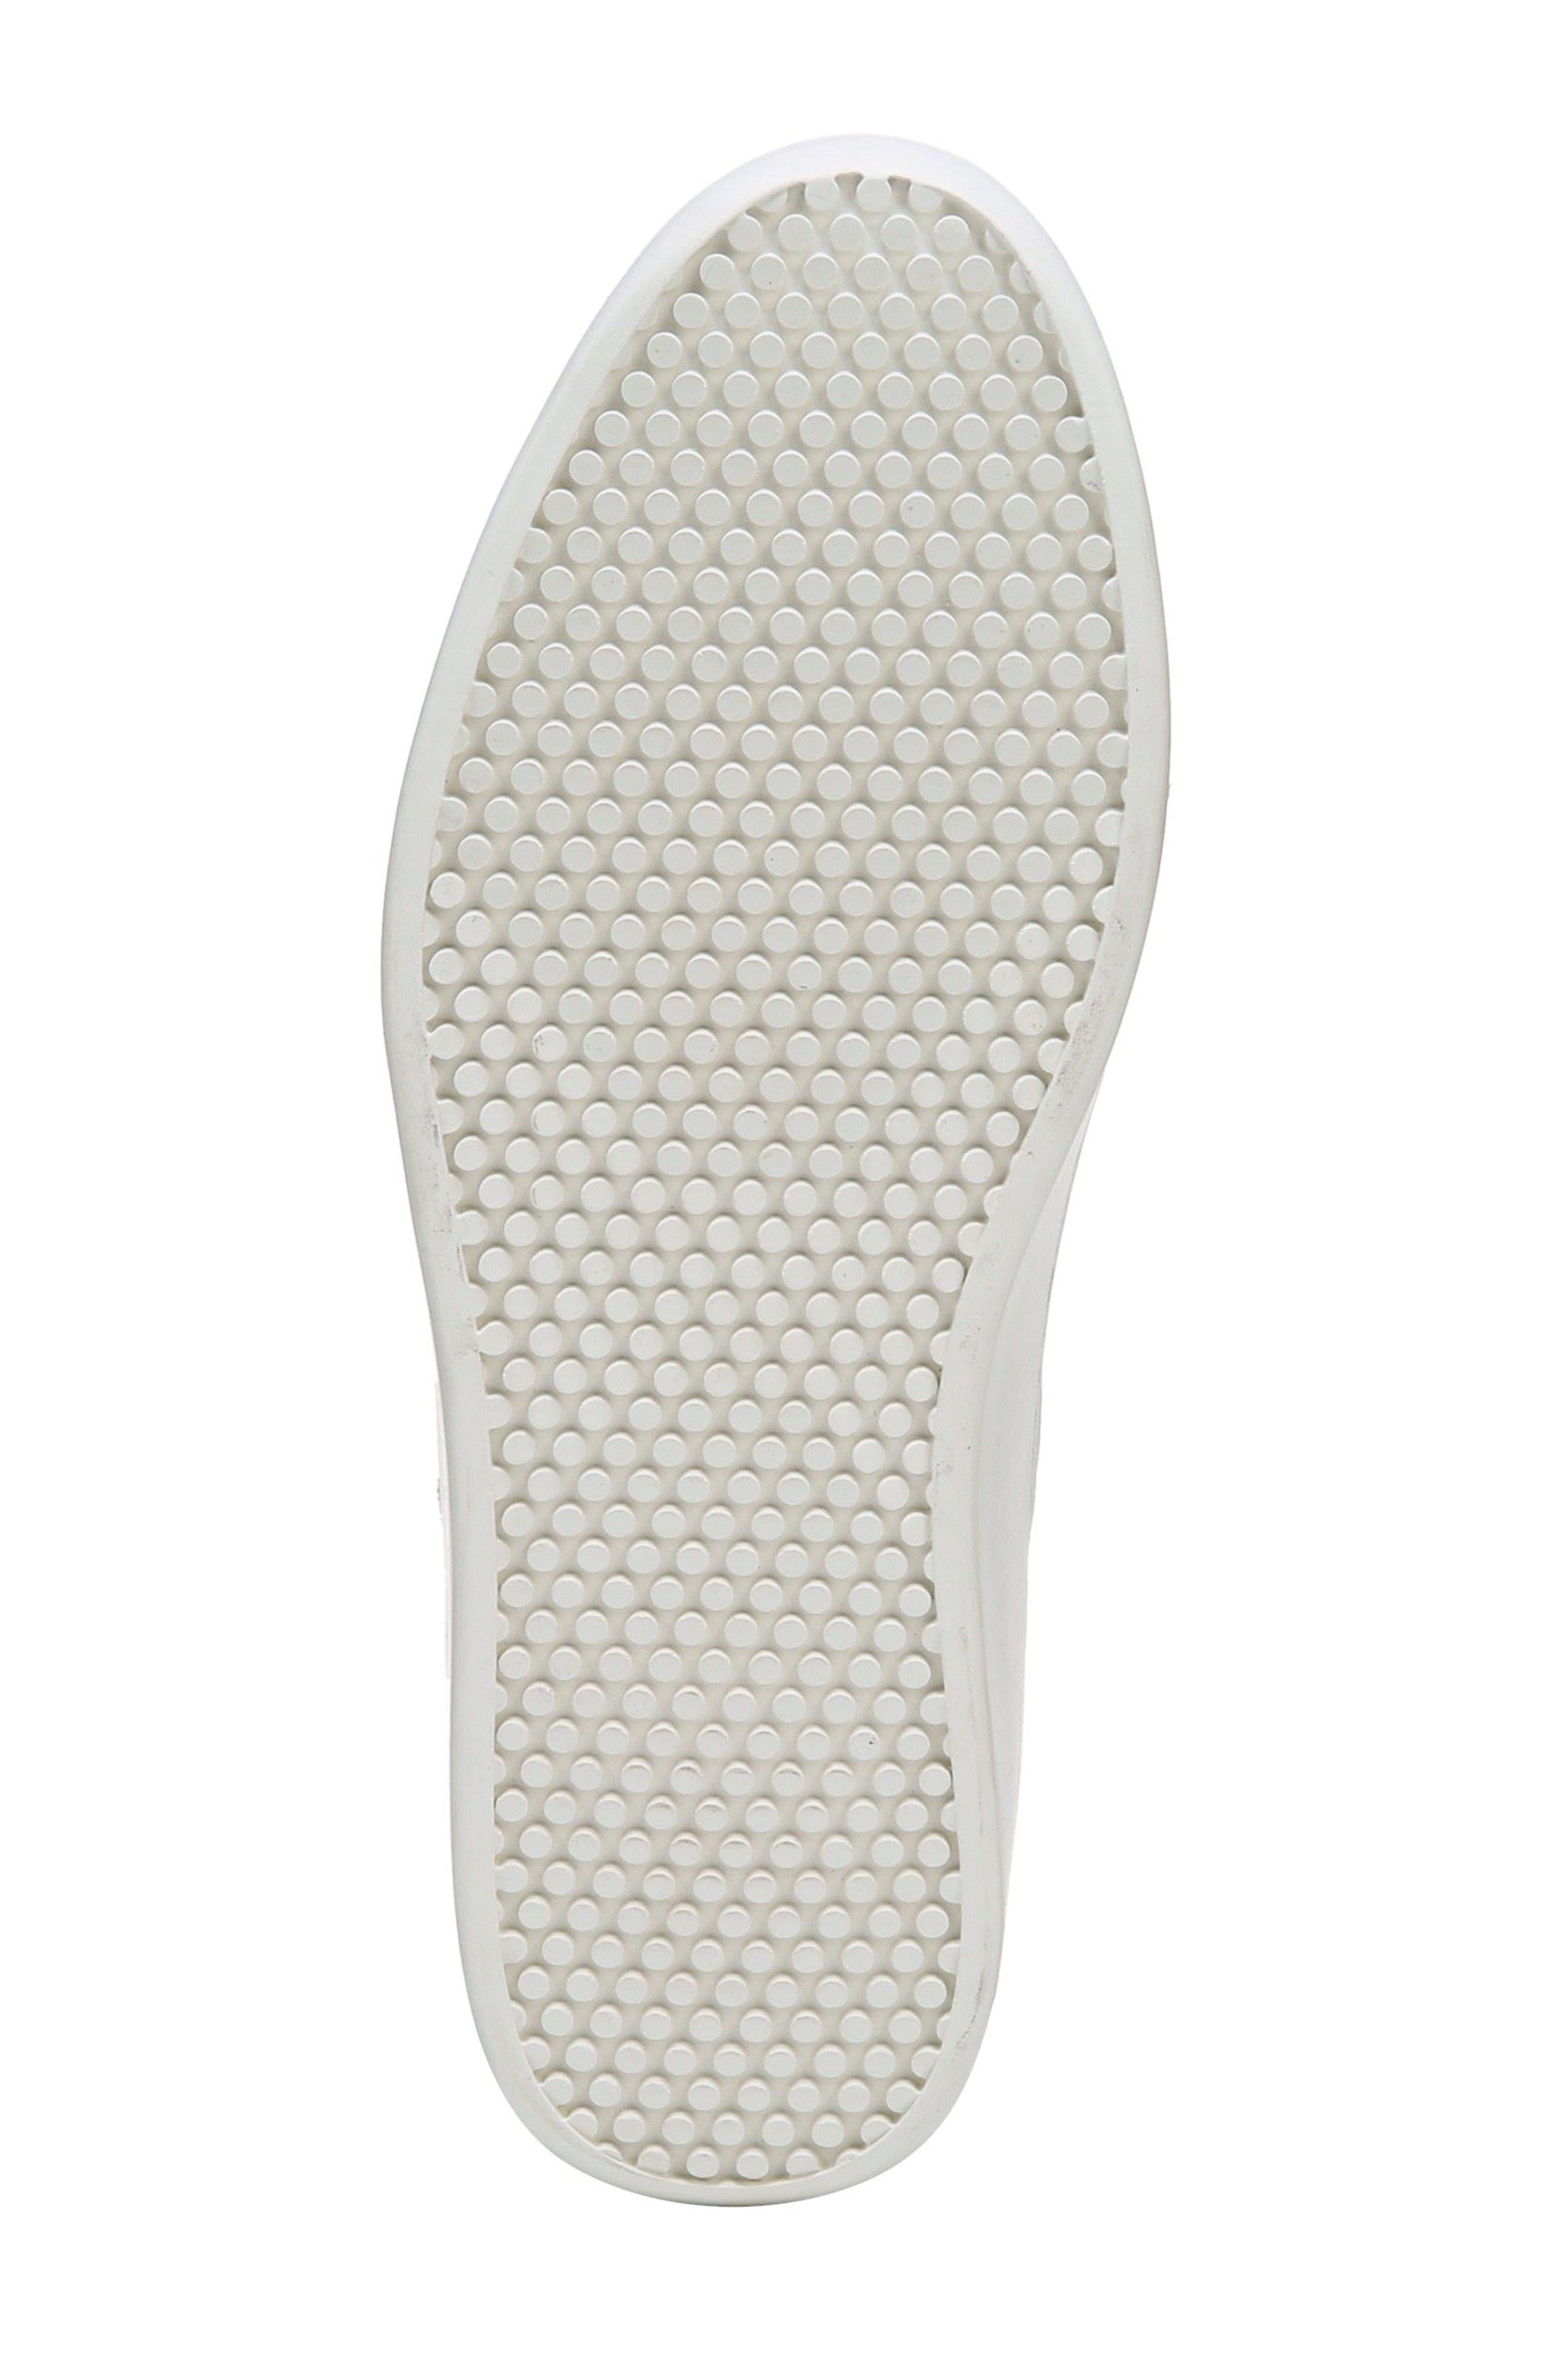 Eren Slip-On High Top Sneaker,                             Alternate thumbnail 17, color,